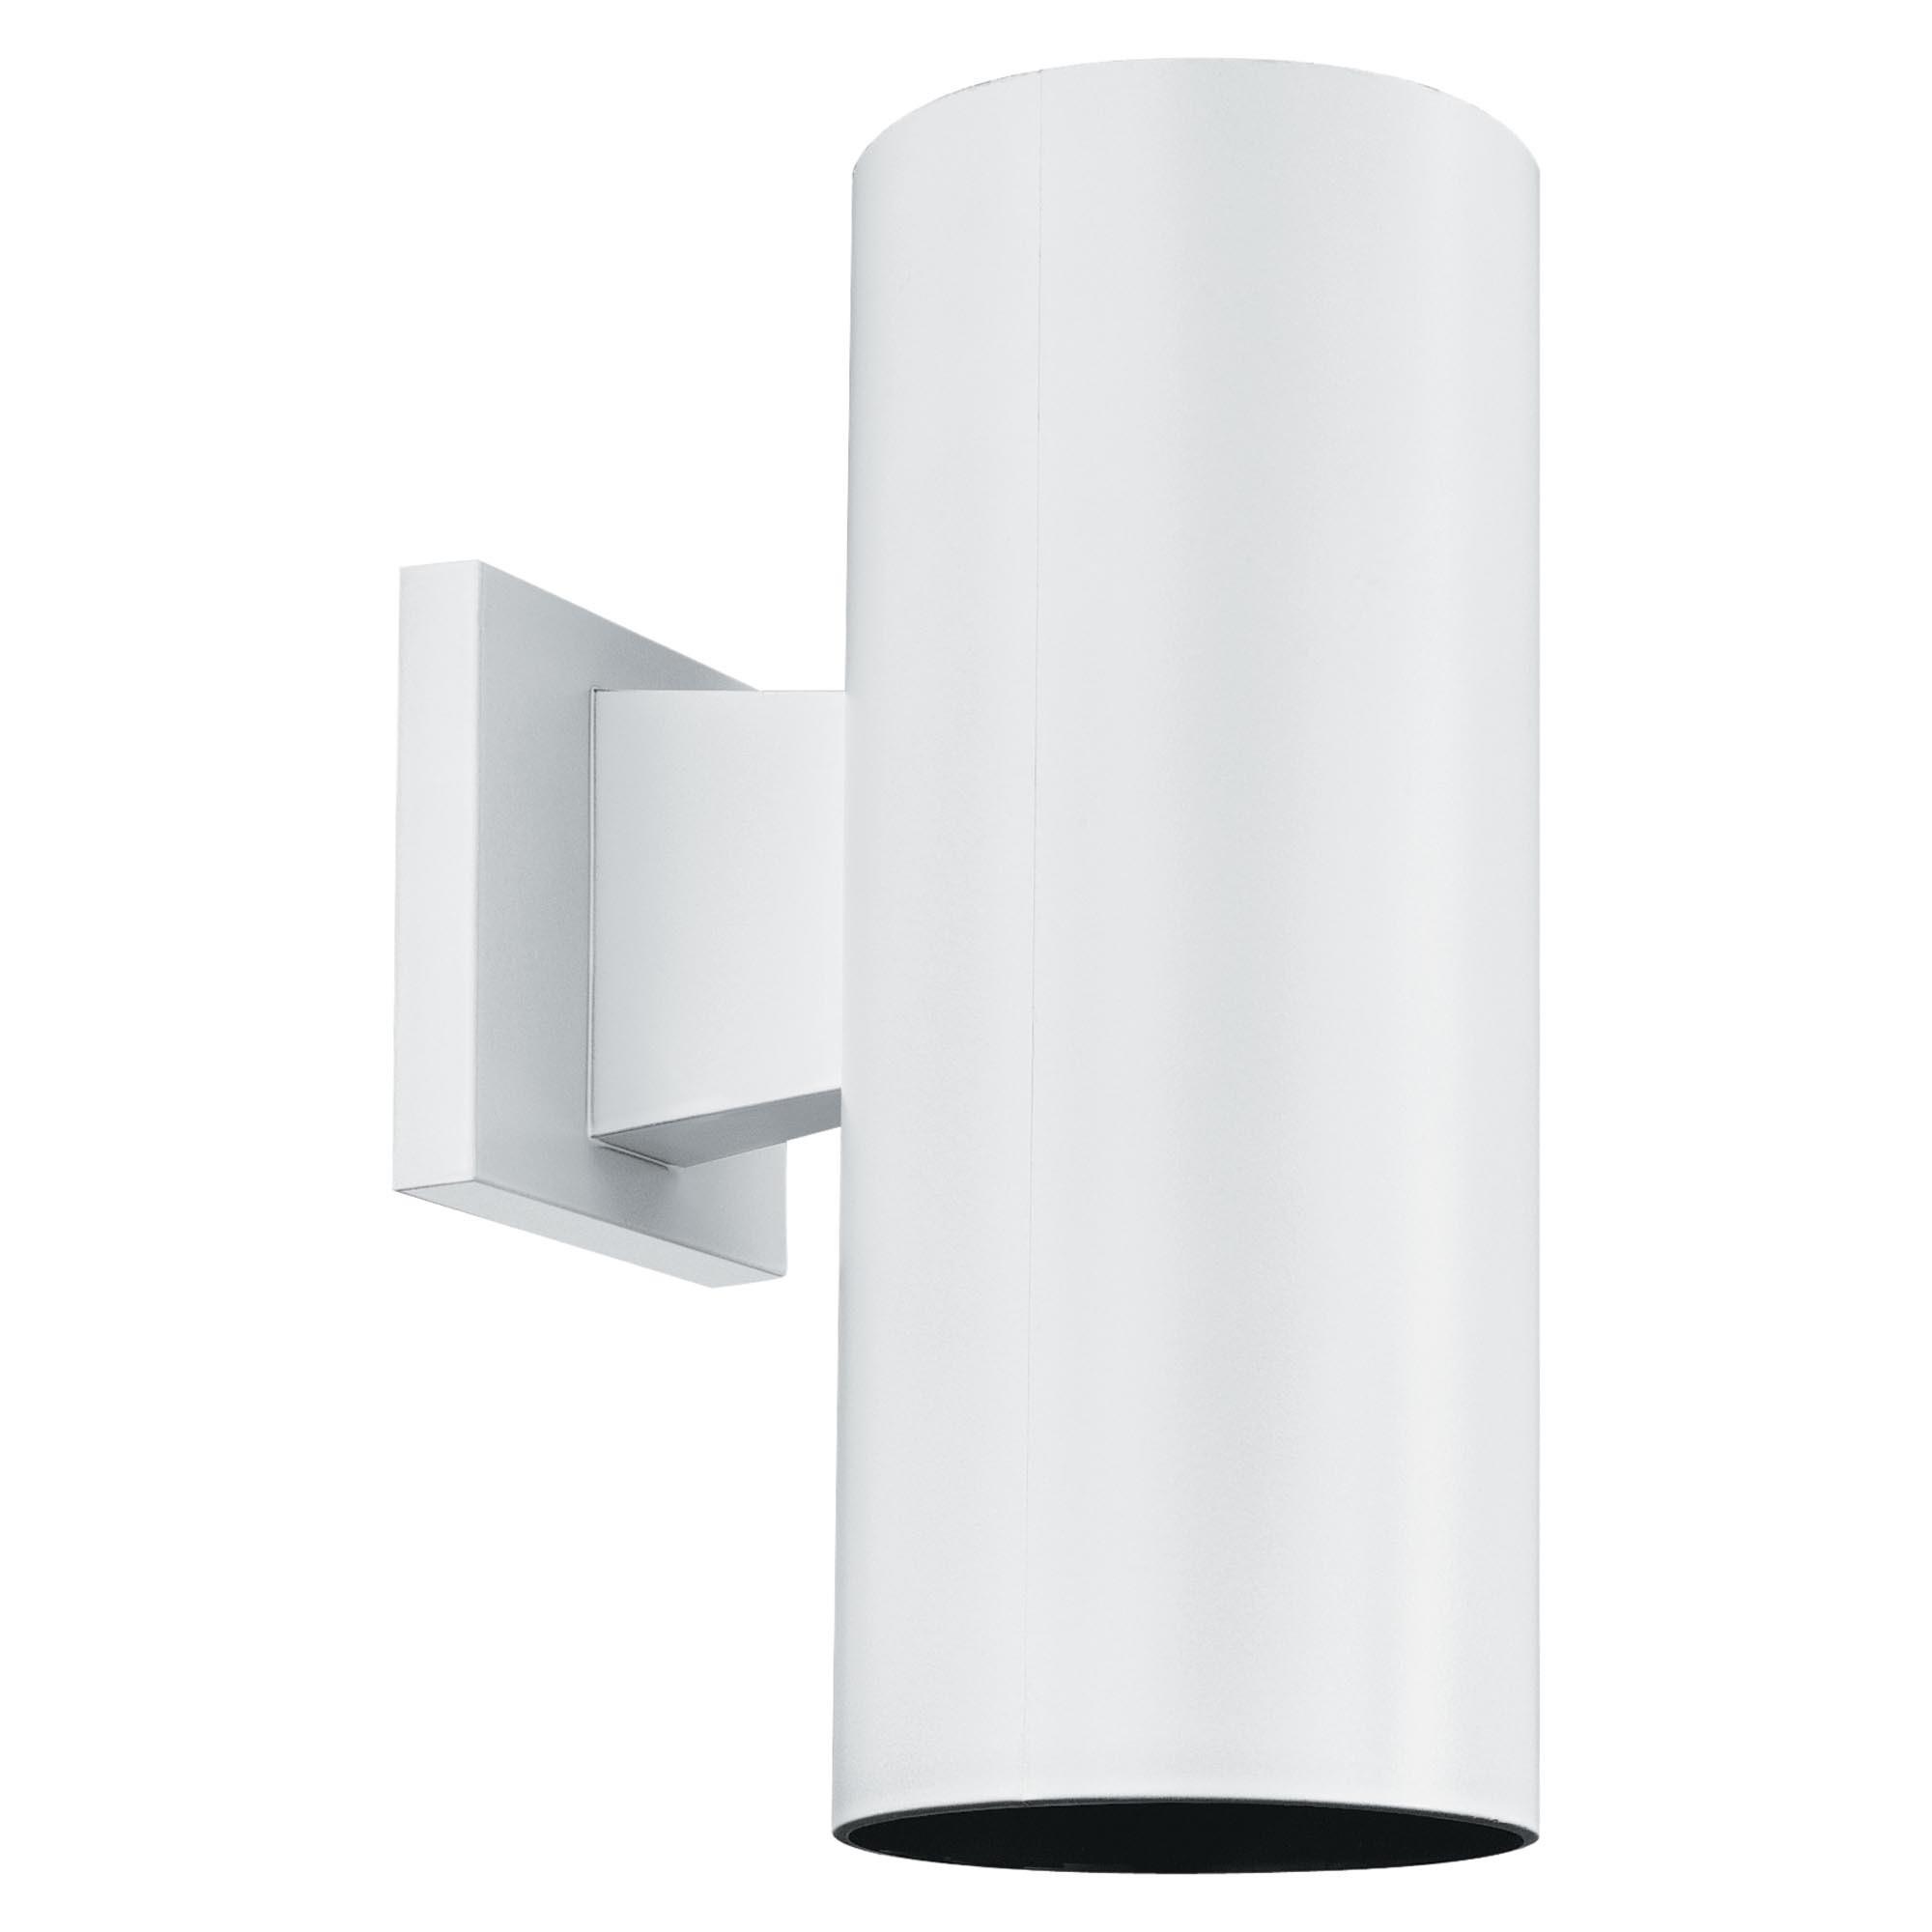 White Plastic Outdoor Light Fixtures • Outdoor Lighting In Plastic Outdoor Wall Lighting (#15 of 15)